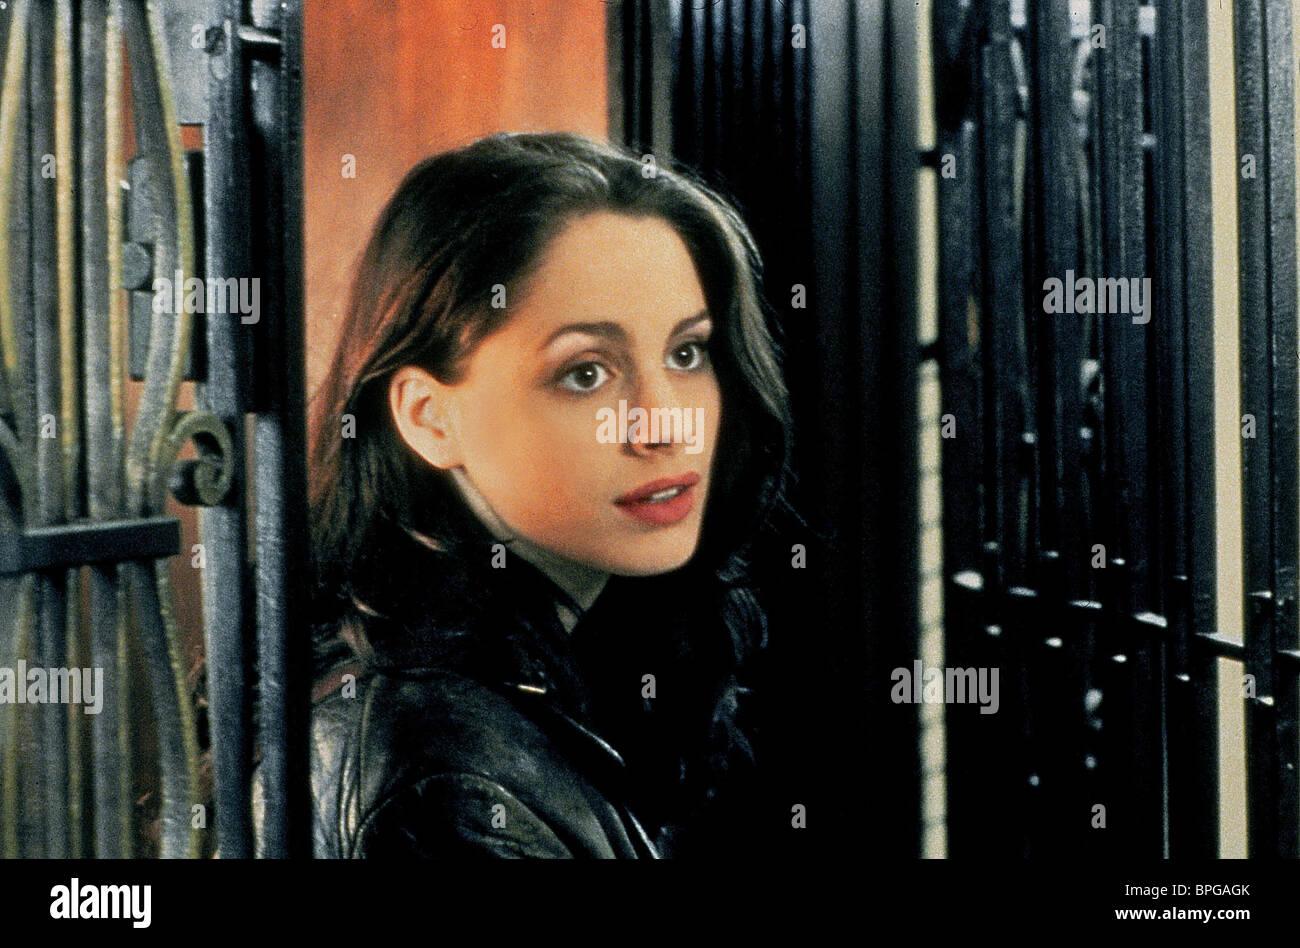 LAURA FRASER LEFT LUGGAGE (1998 Stock Photo, Royalty Free Image ...